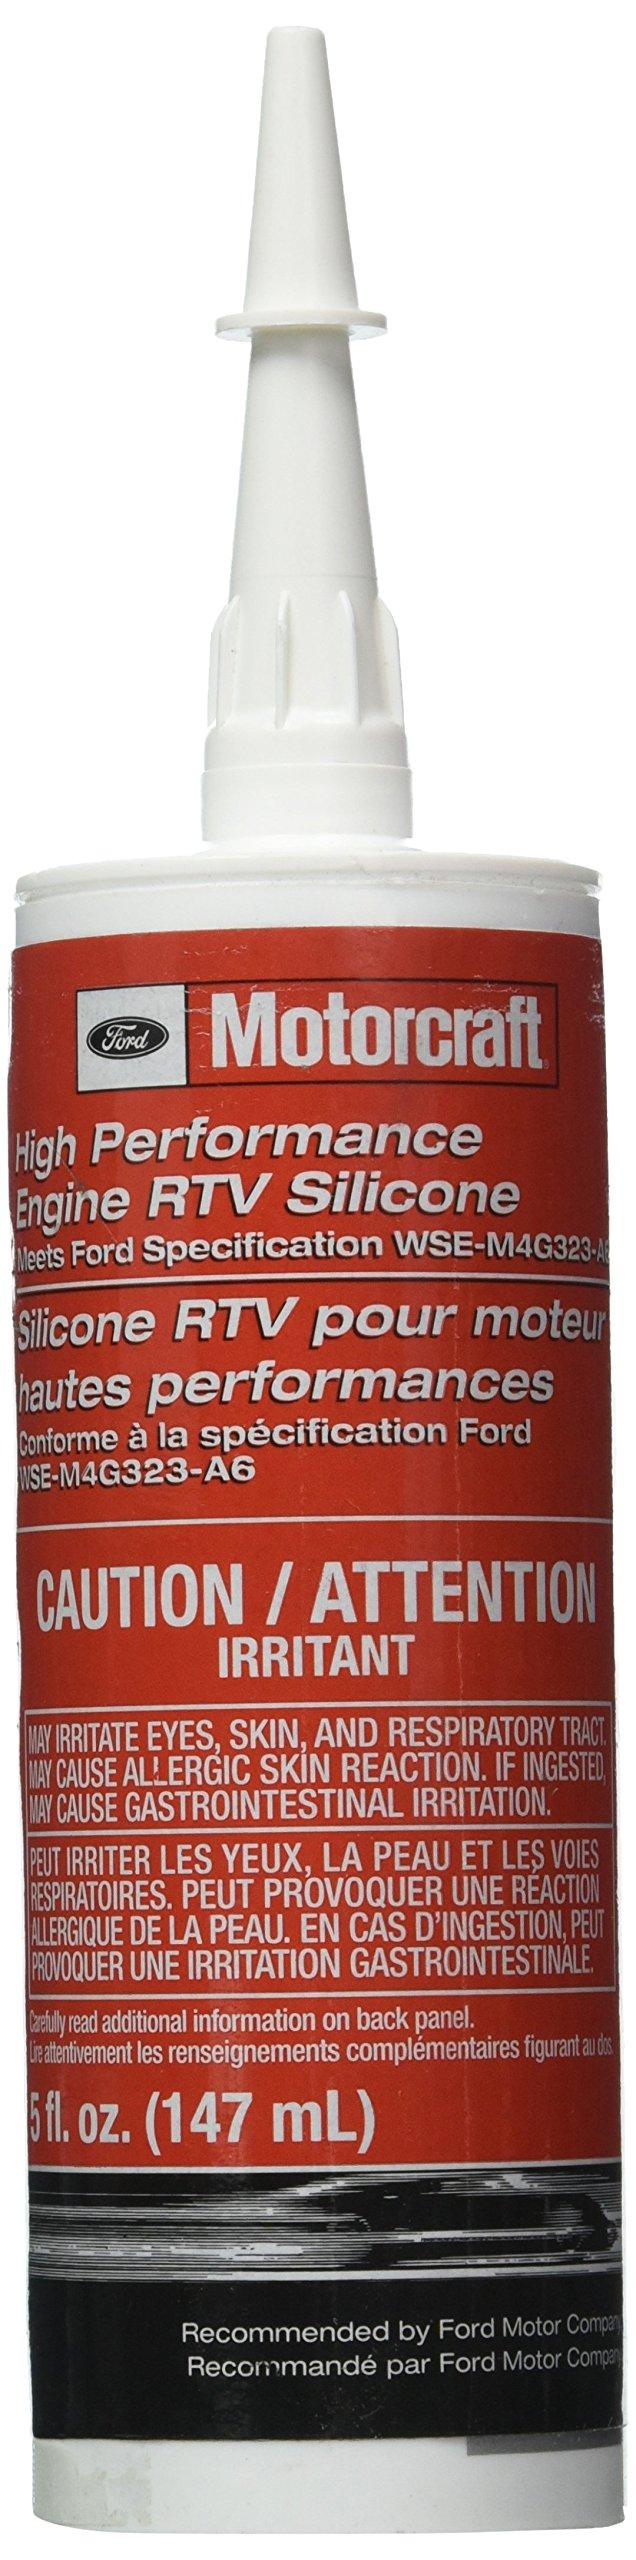 Genuine Ford Fluid TA-357 High Performance Engine RTV Silicone - 5 oz. by Ford